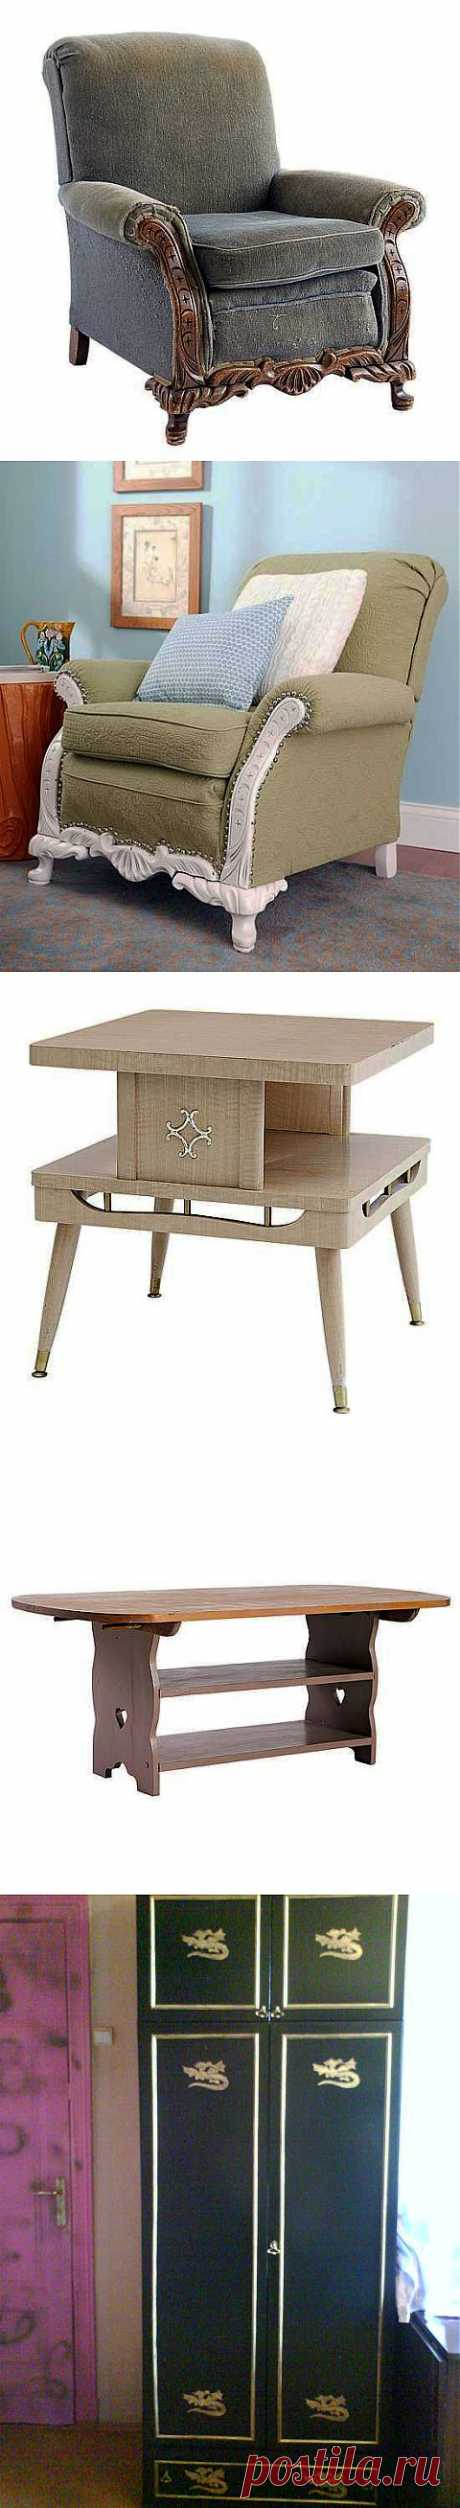 Грамотная и оригинальная переделка старой мебели. Только идеи   Умелые ручки